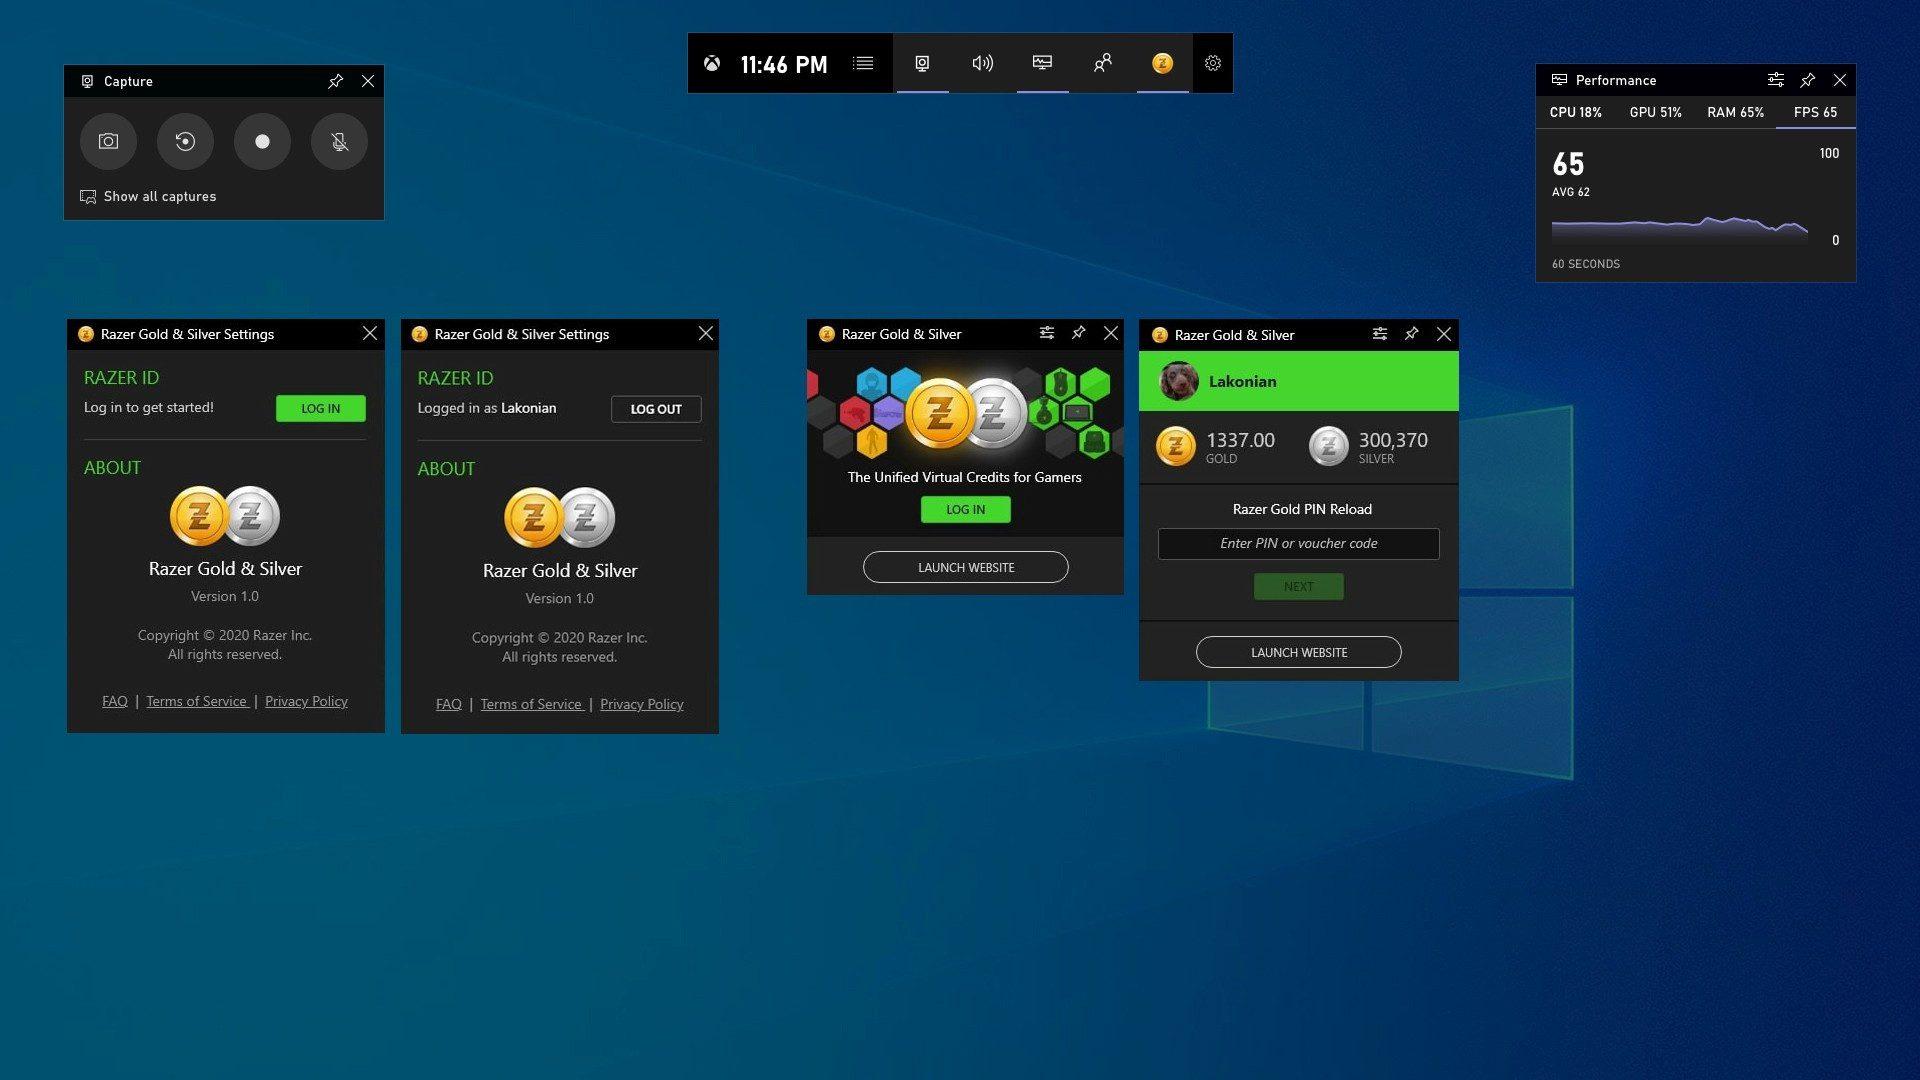 Razer Gold and SIlver en la barra de juego de Xbox en Windows 10